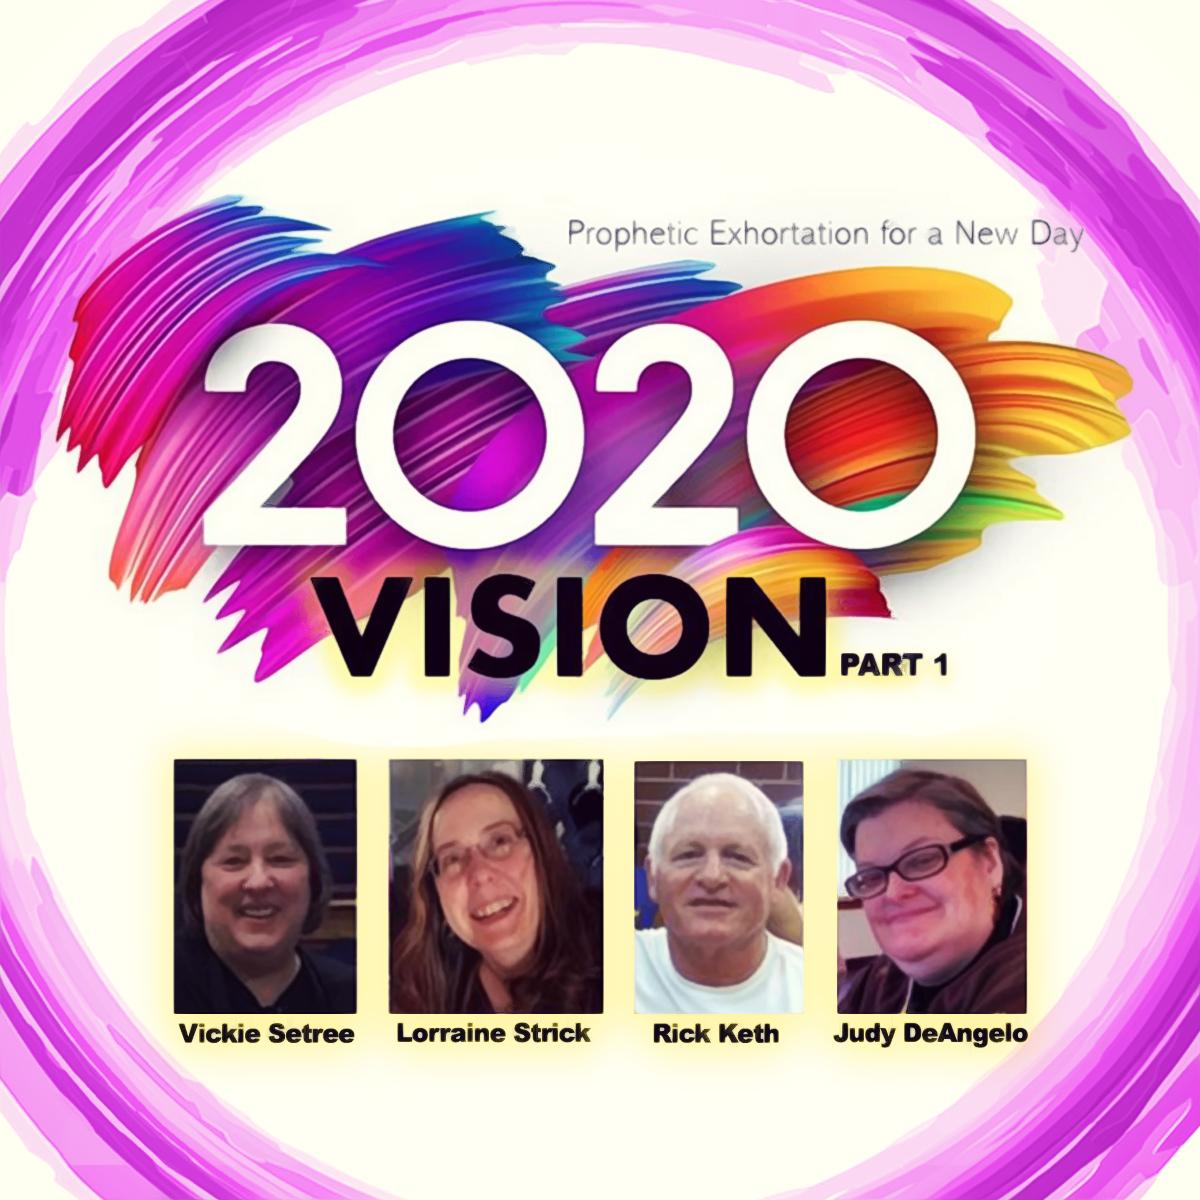 2020 Vision Part 1